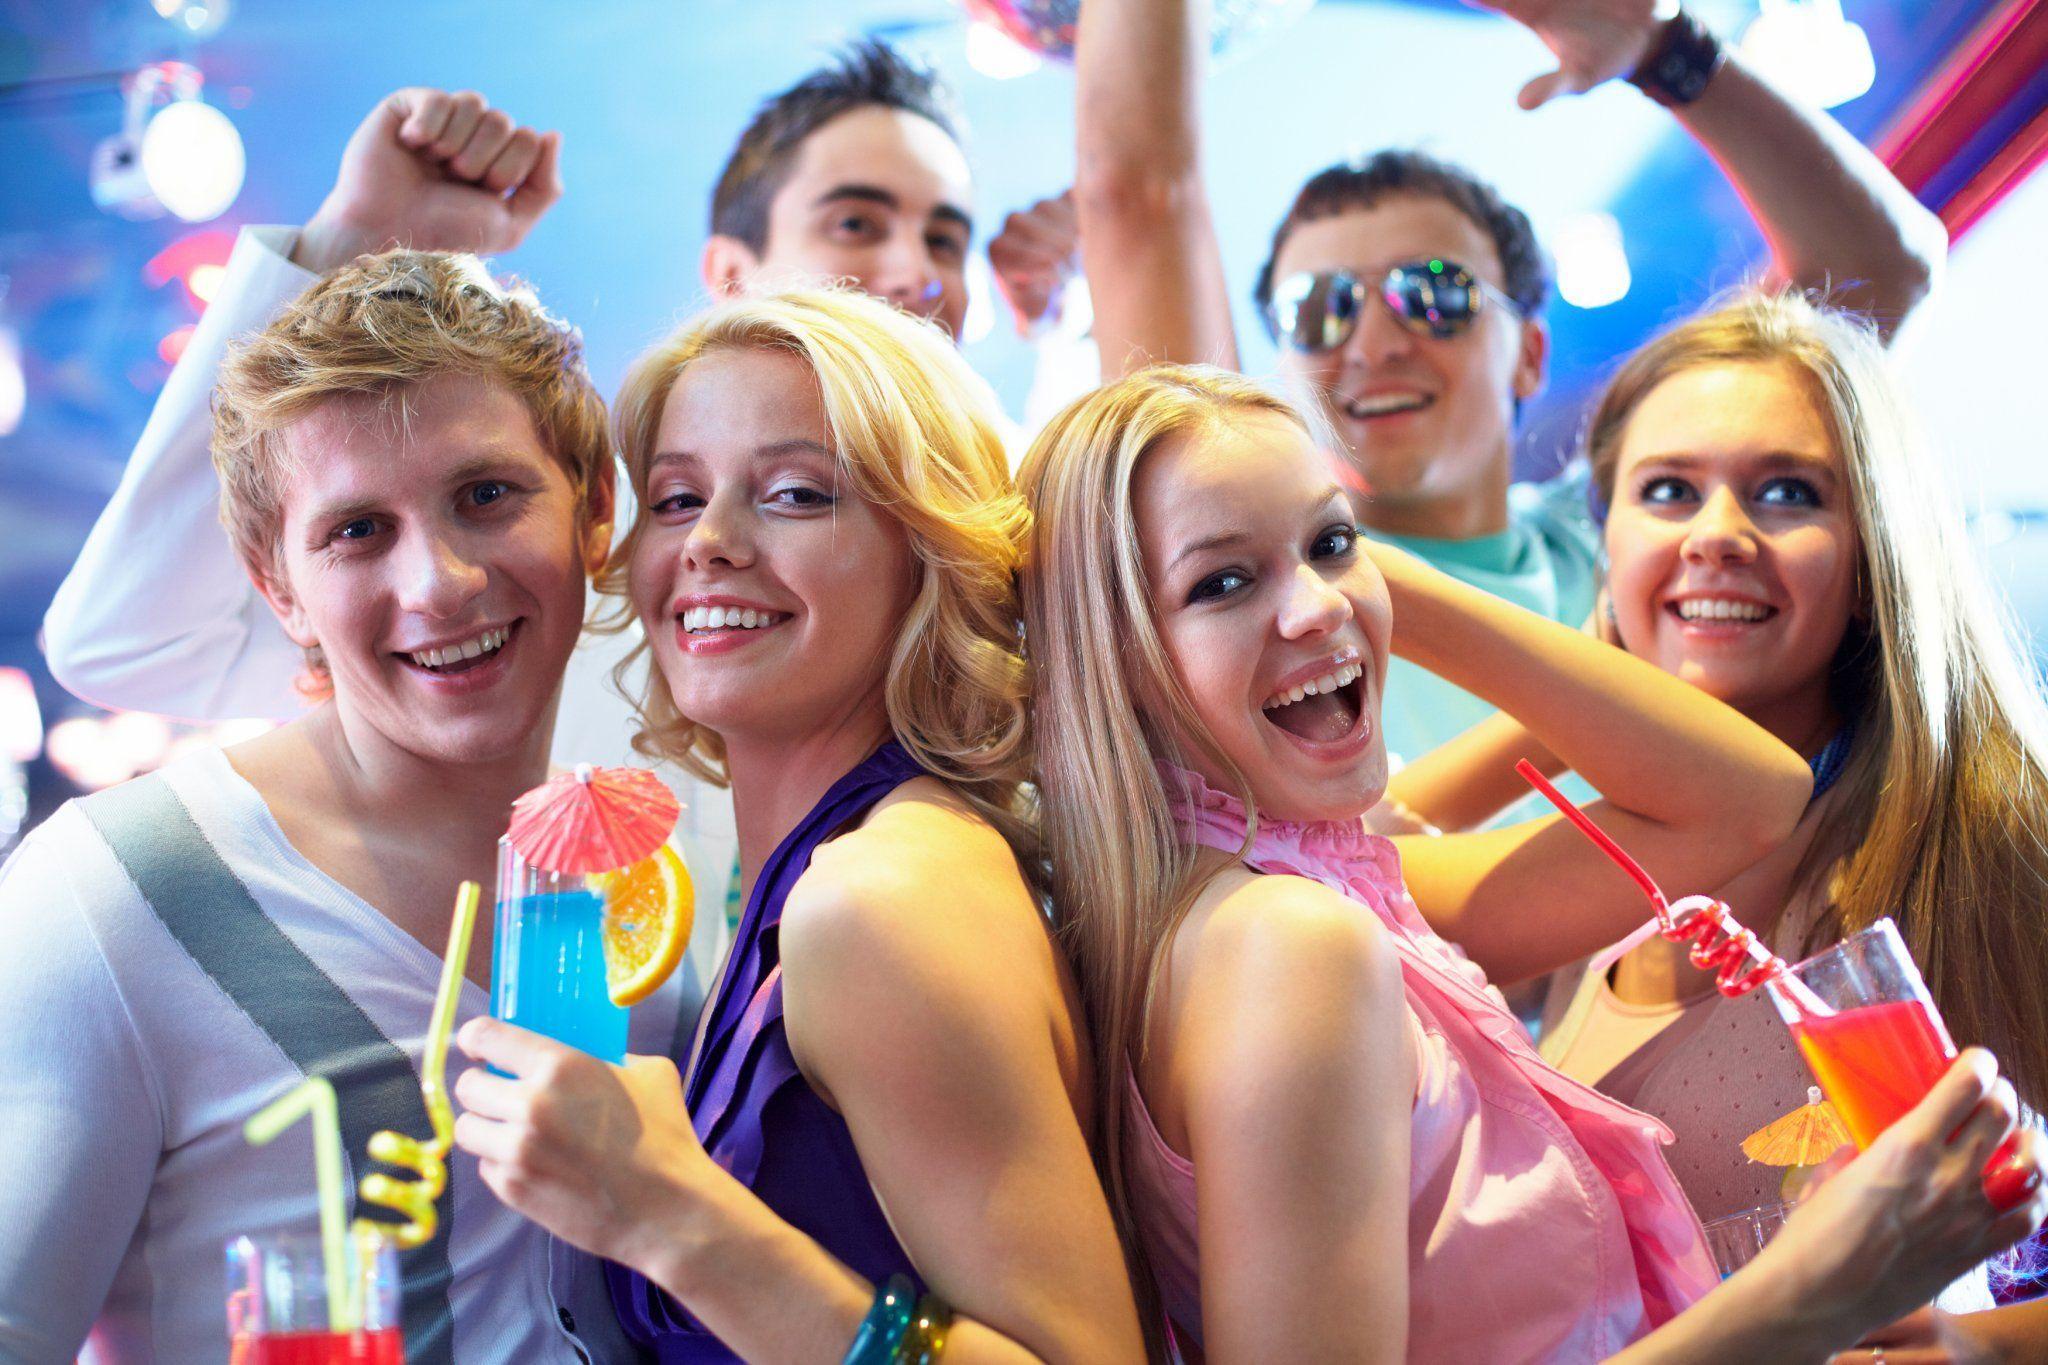 Молодежь развлекается на вечеринке — 8